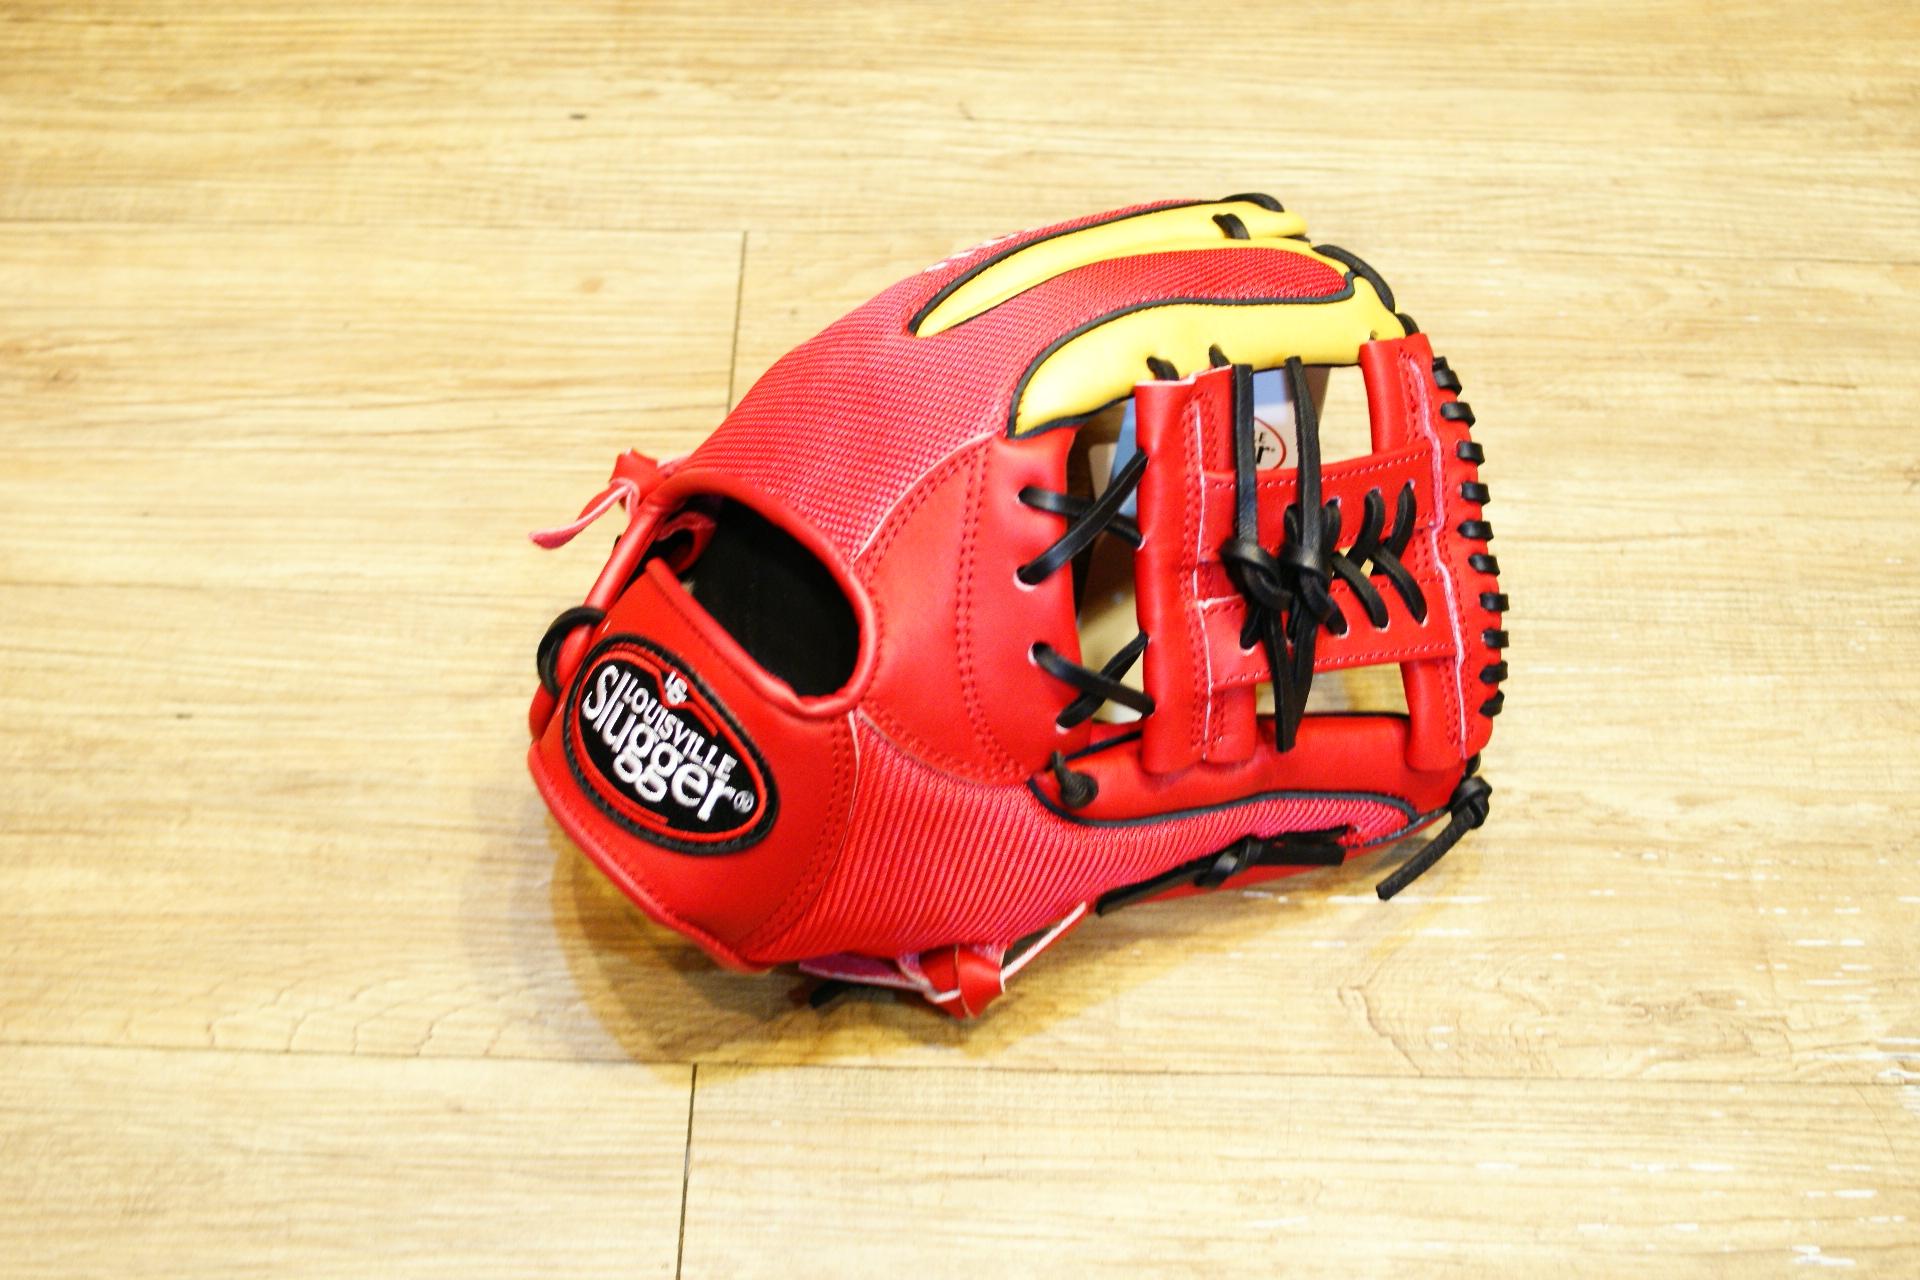 棒球世界 Louisvill Slugger 路易斯威爾TPX LS AIR布織布 內野工字棒壘球手套 特價 紅金配色